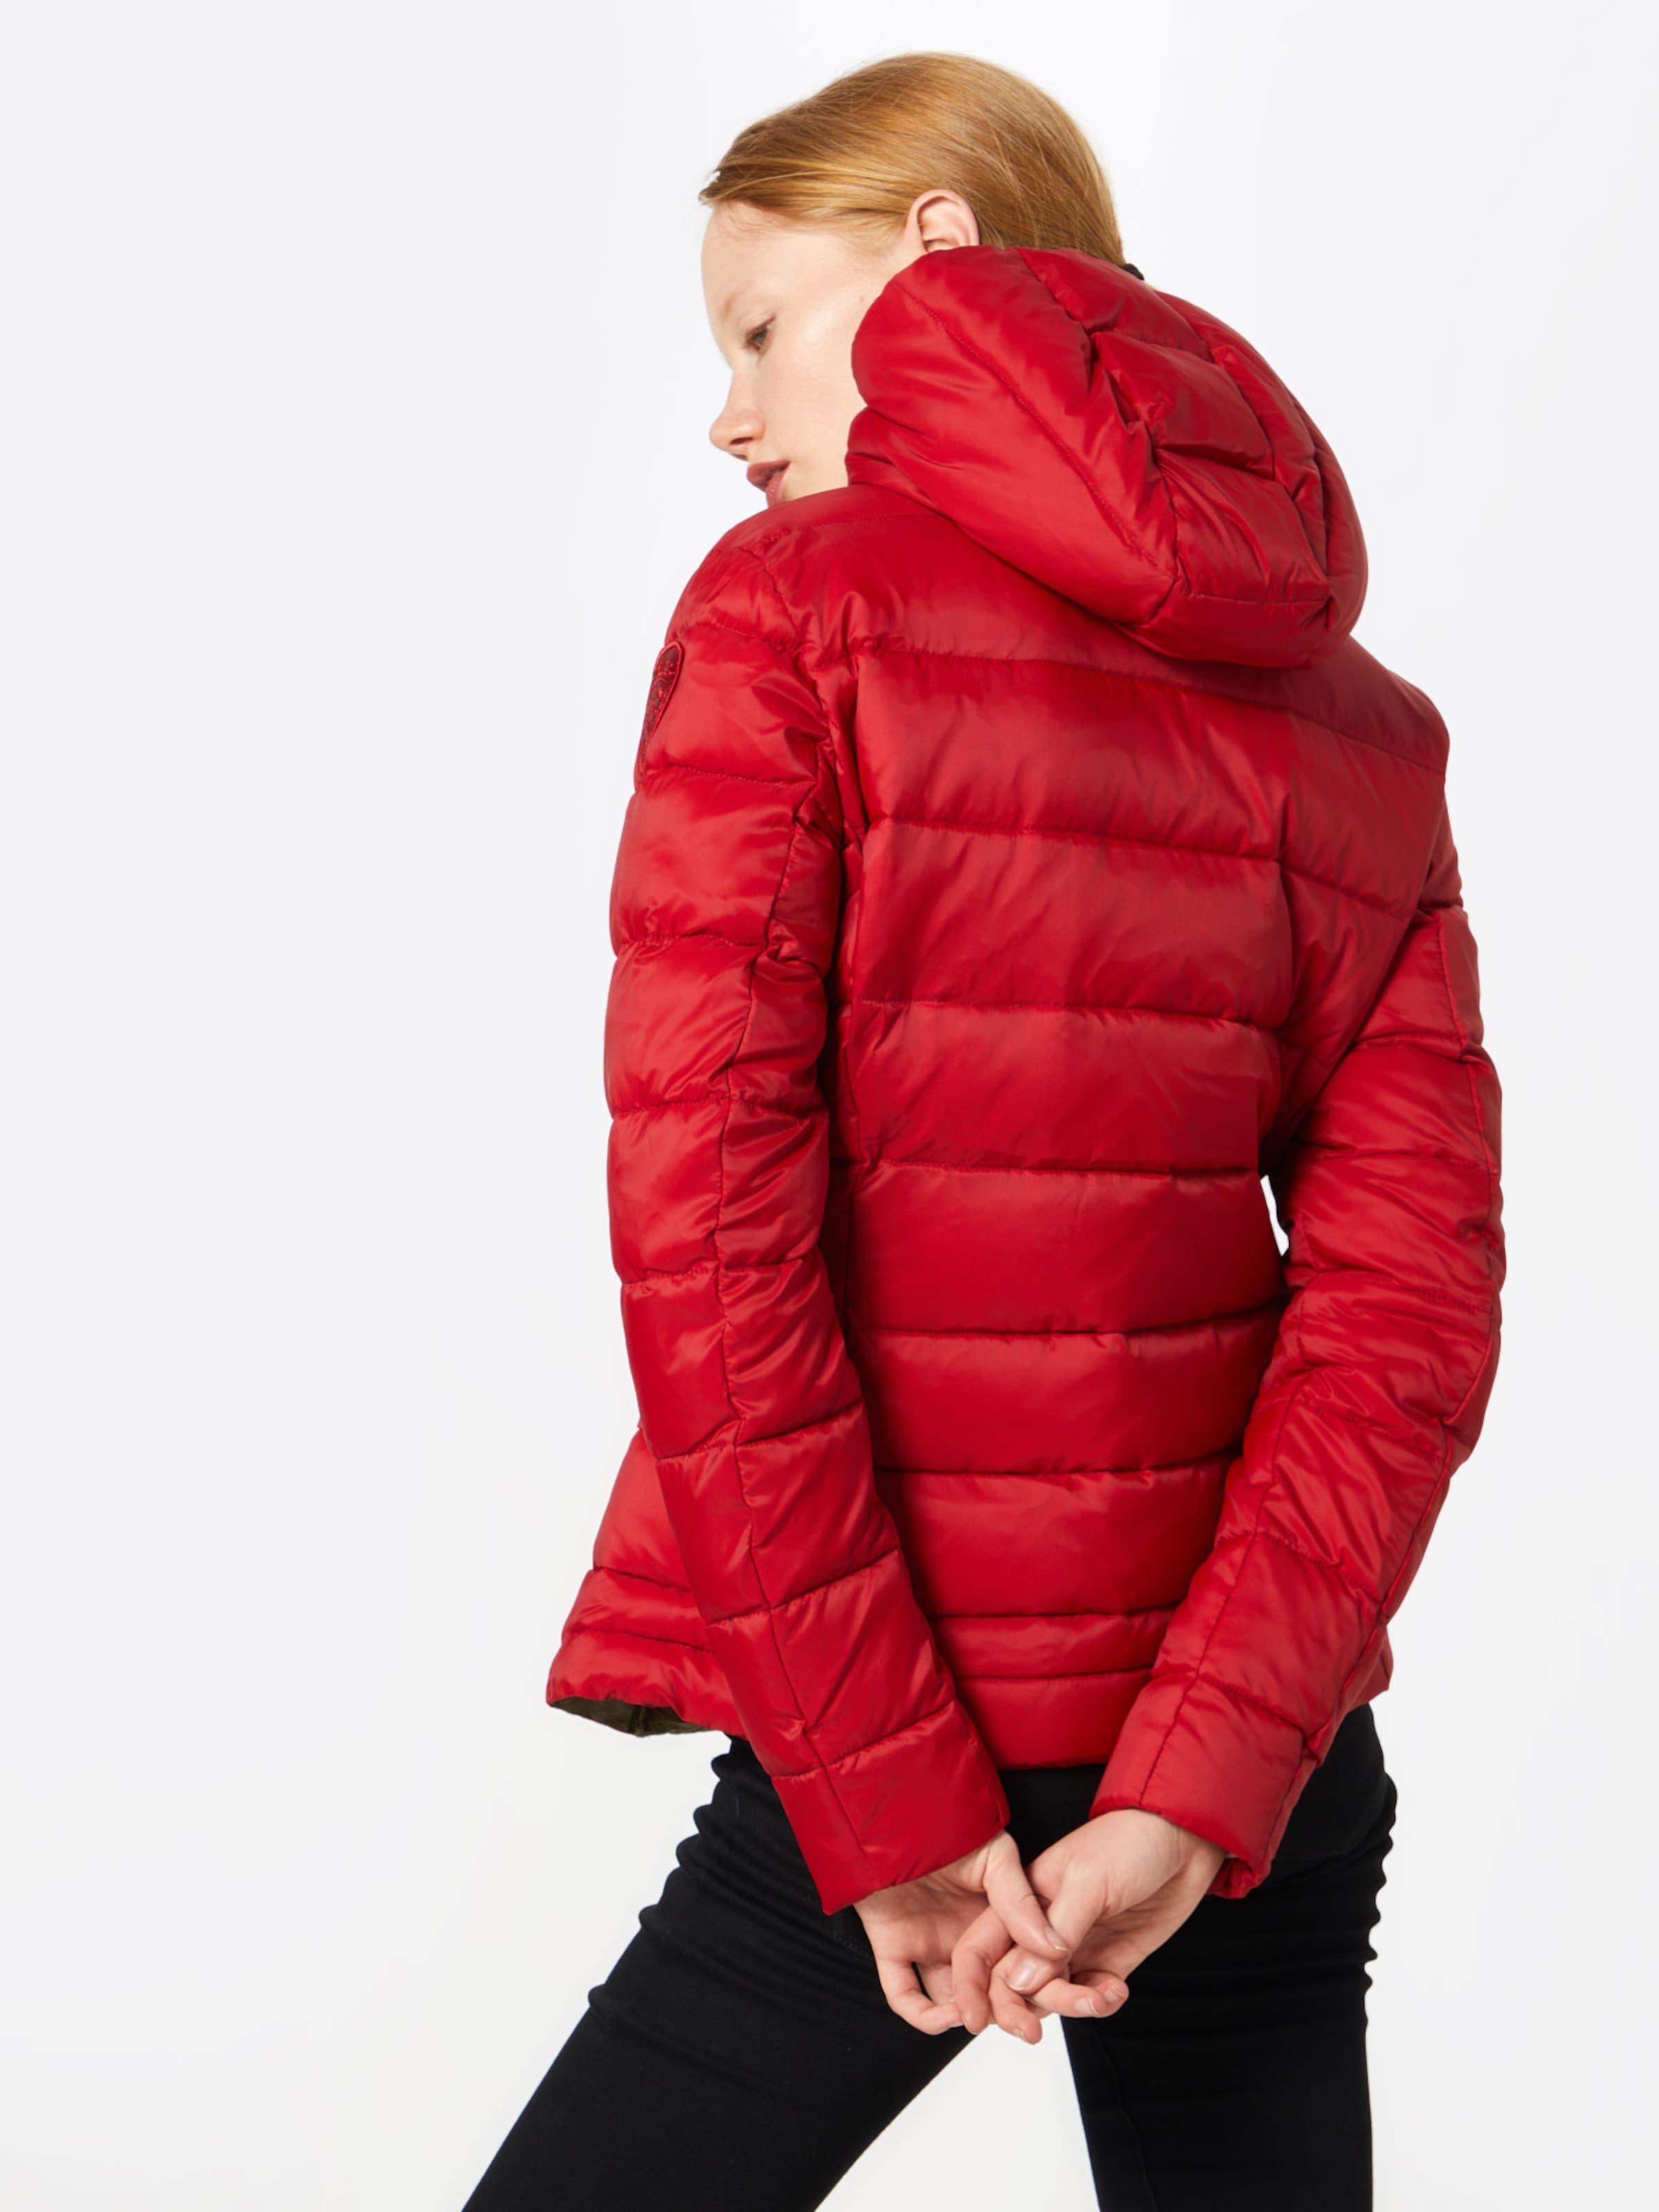 Veste Blauer usa Rouge D'hiver En OvNnm80w